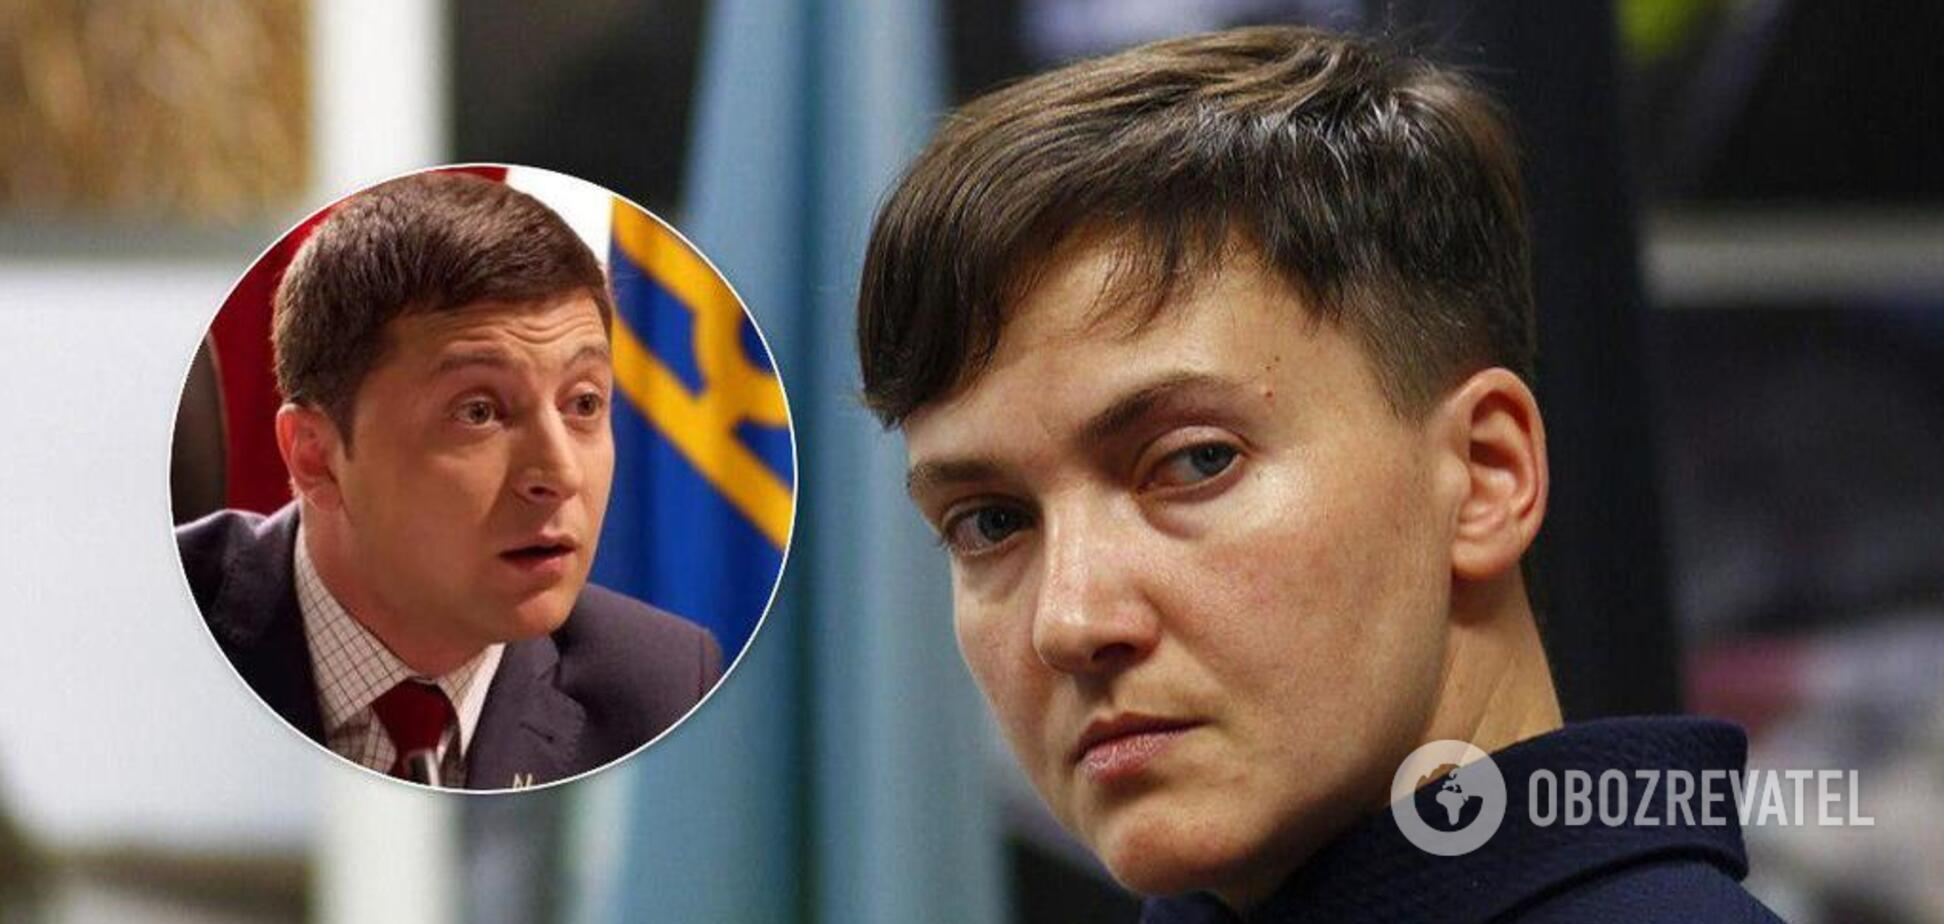 Савченко влаштувала скандал у Раді через Зеленського: що сталося